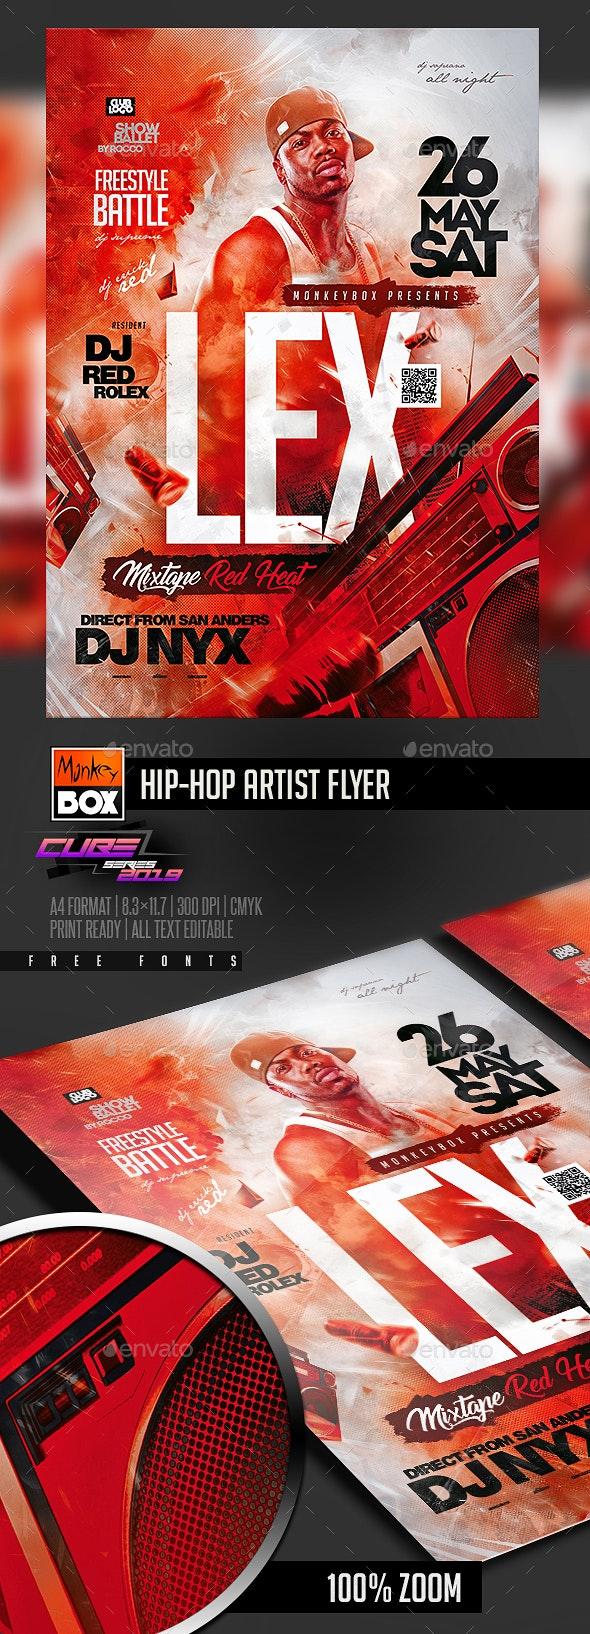 Hip-Hop Artist Flyer - Clubs & Parties Events